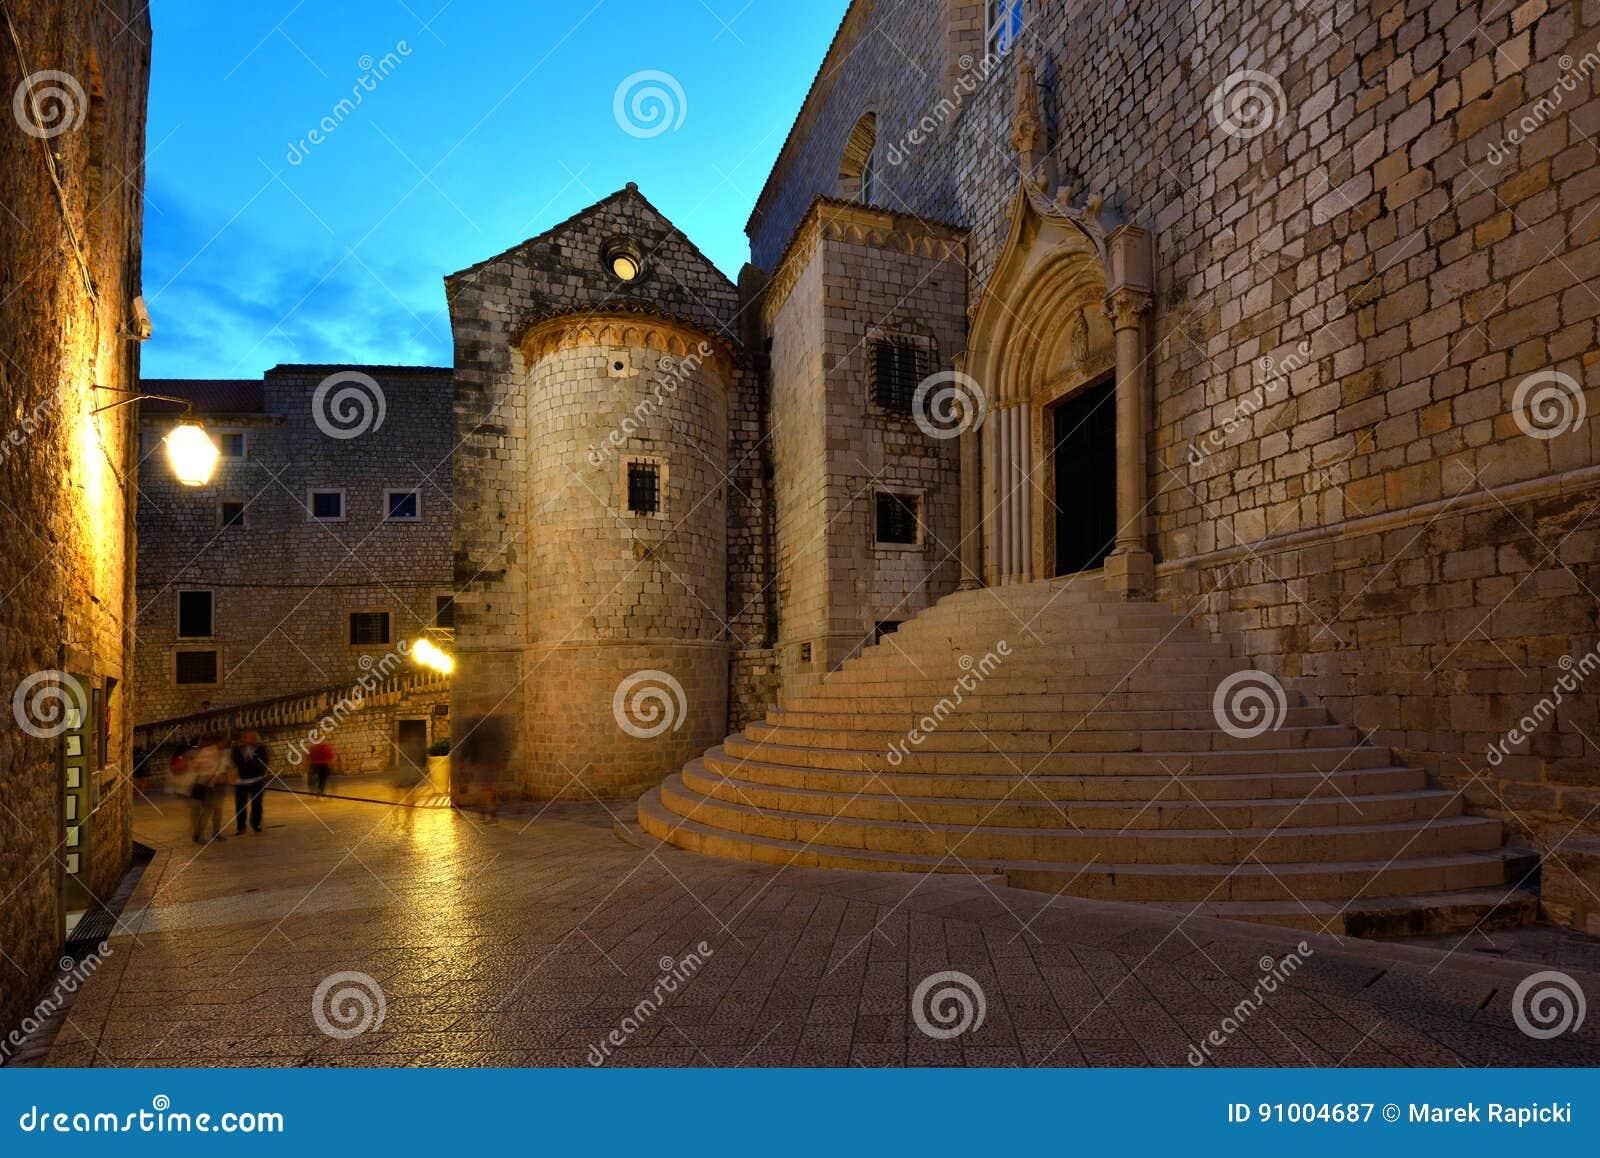 Croatia, Dubrovnik, Surroundings of Ploce Gate